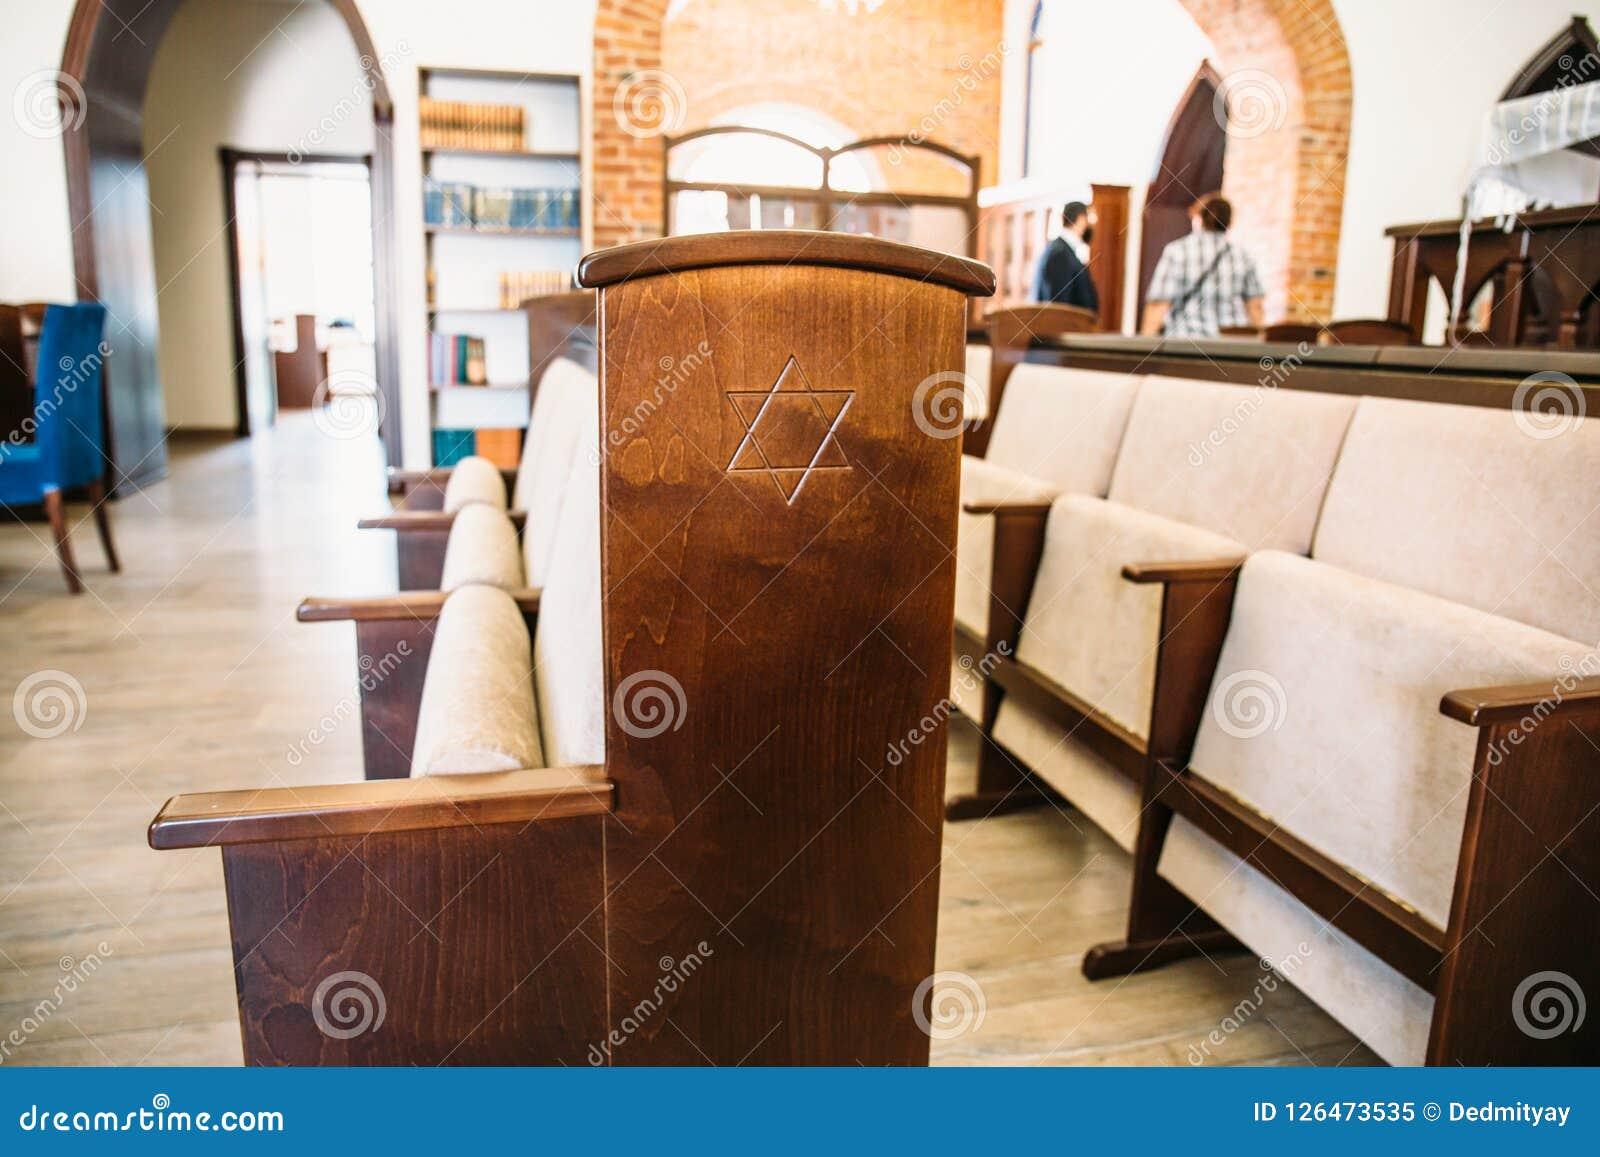 Davidsstjärna, judiskt symbol på träbänk eller stol i synagoga